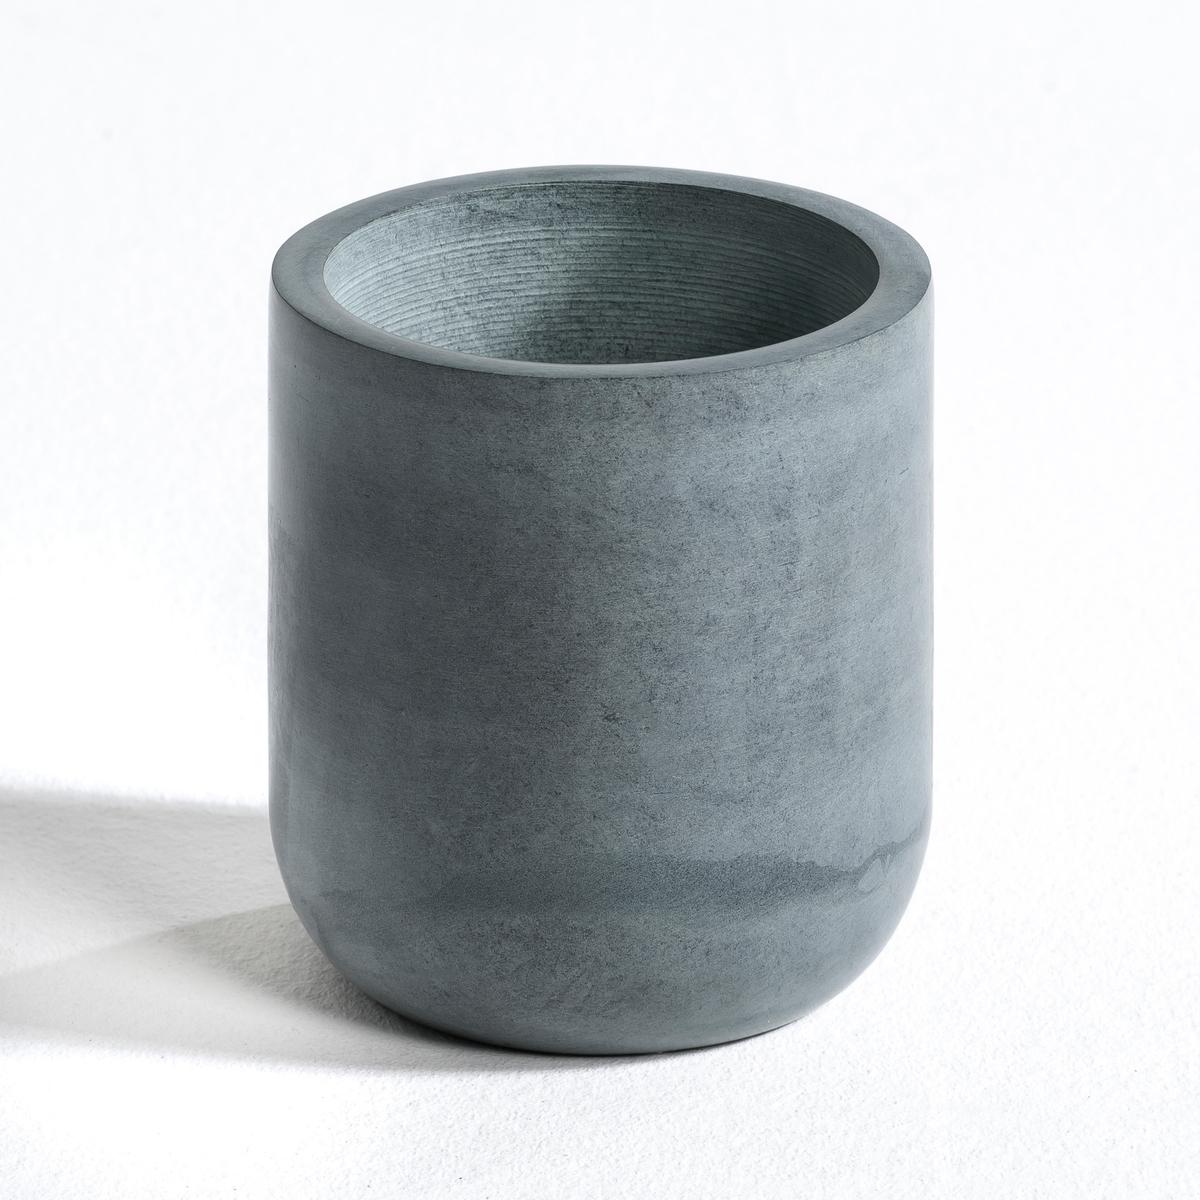 Горшок цветочный круглый из сапонита, Ingmar, высокая модель